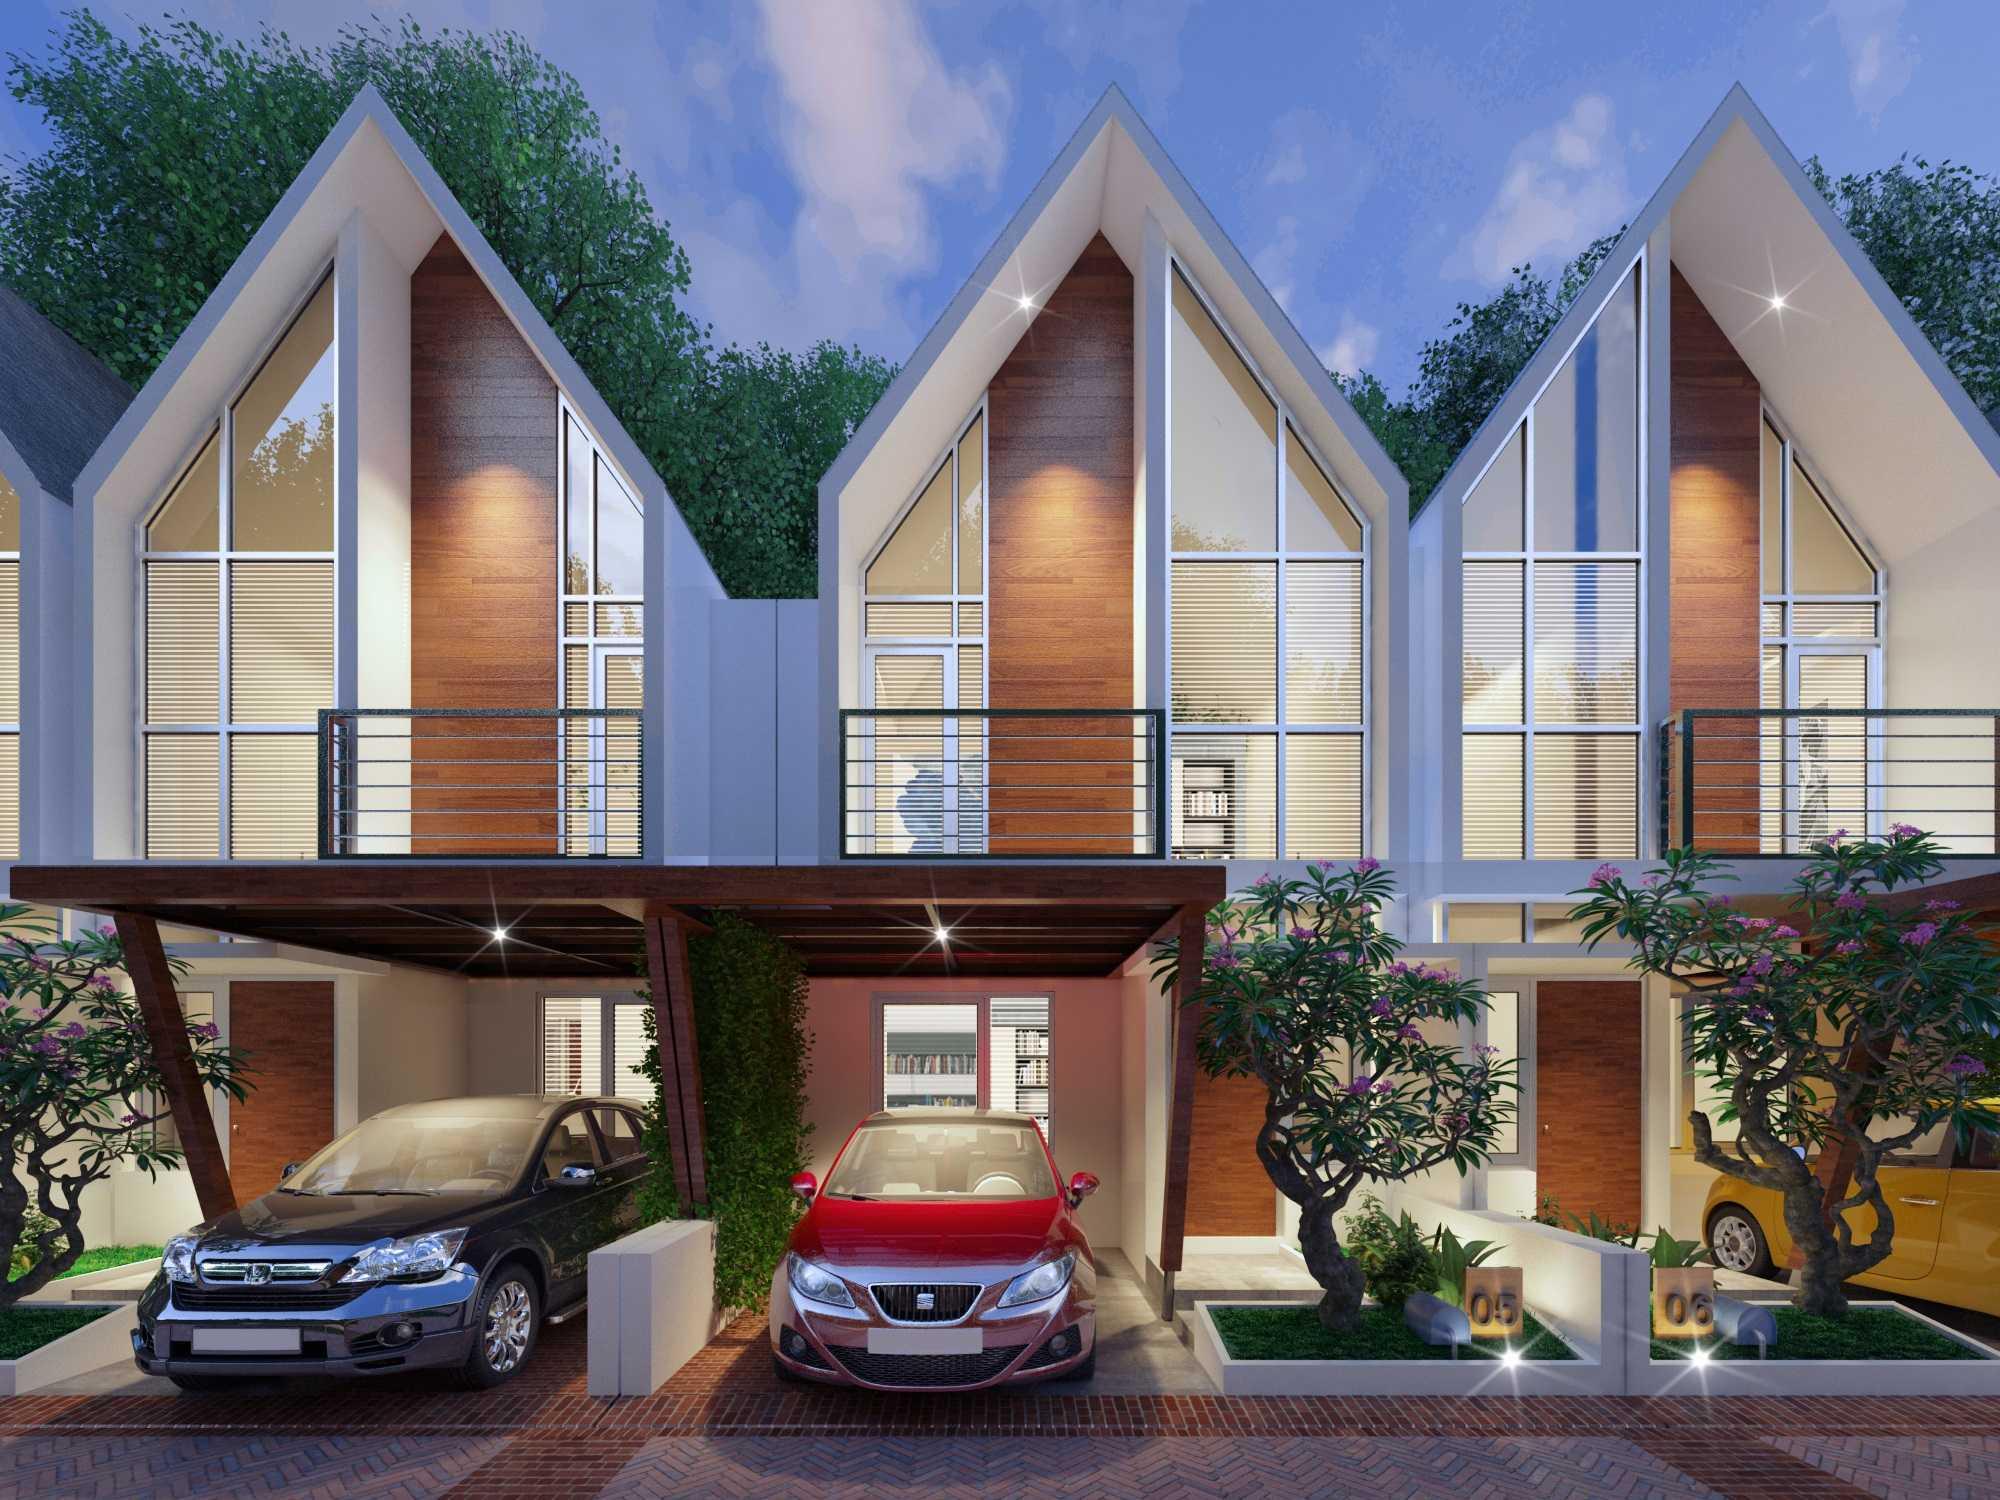 Kihaus Design Parigraha Malang, Kota Malang, Jawa Timur, Indonesia Malang, Kota Malang, Jawa Timur, Indonesia Kihaus-Design-Parigraha  110690